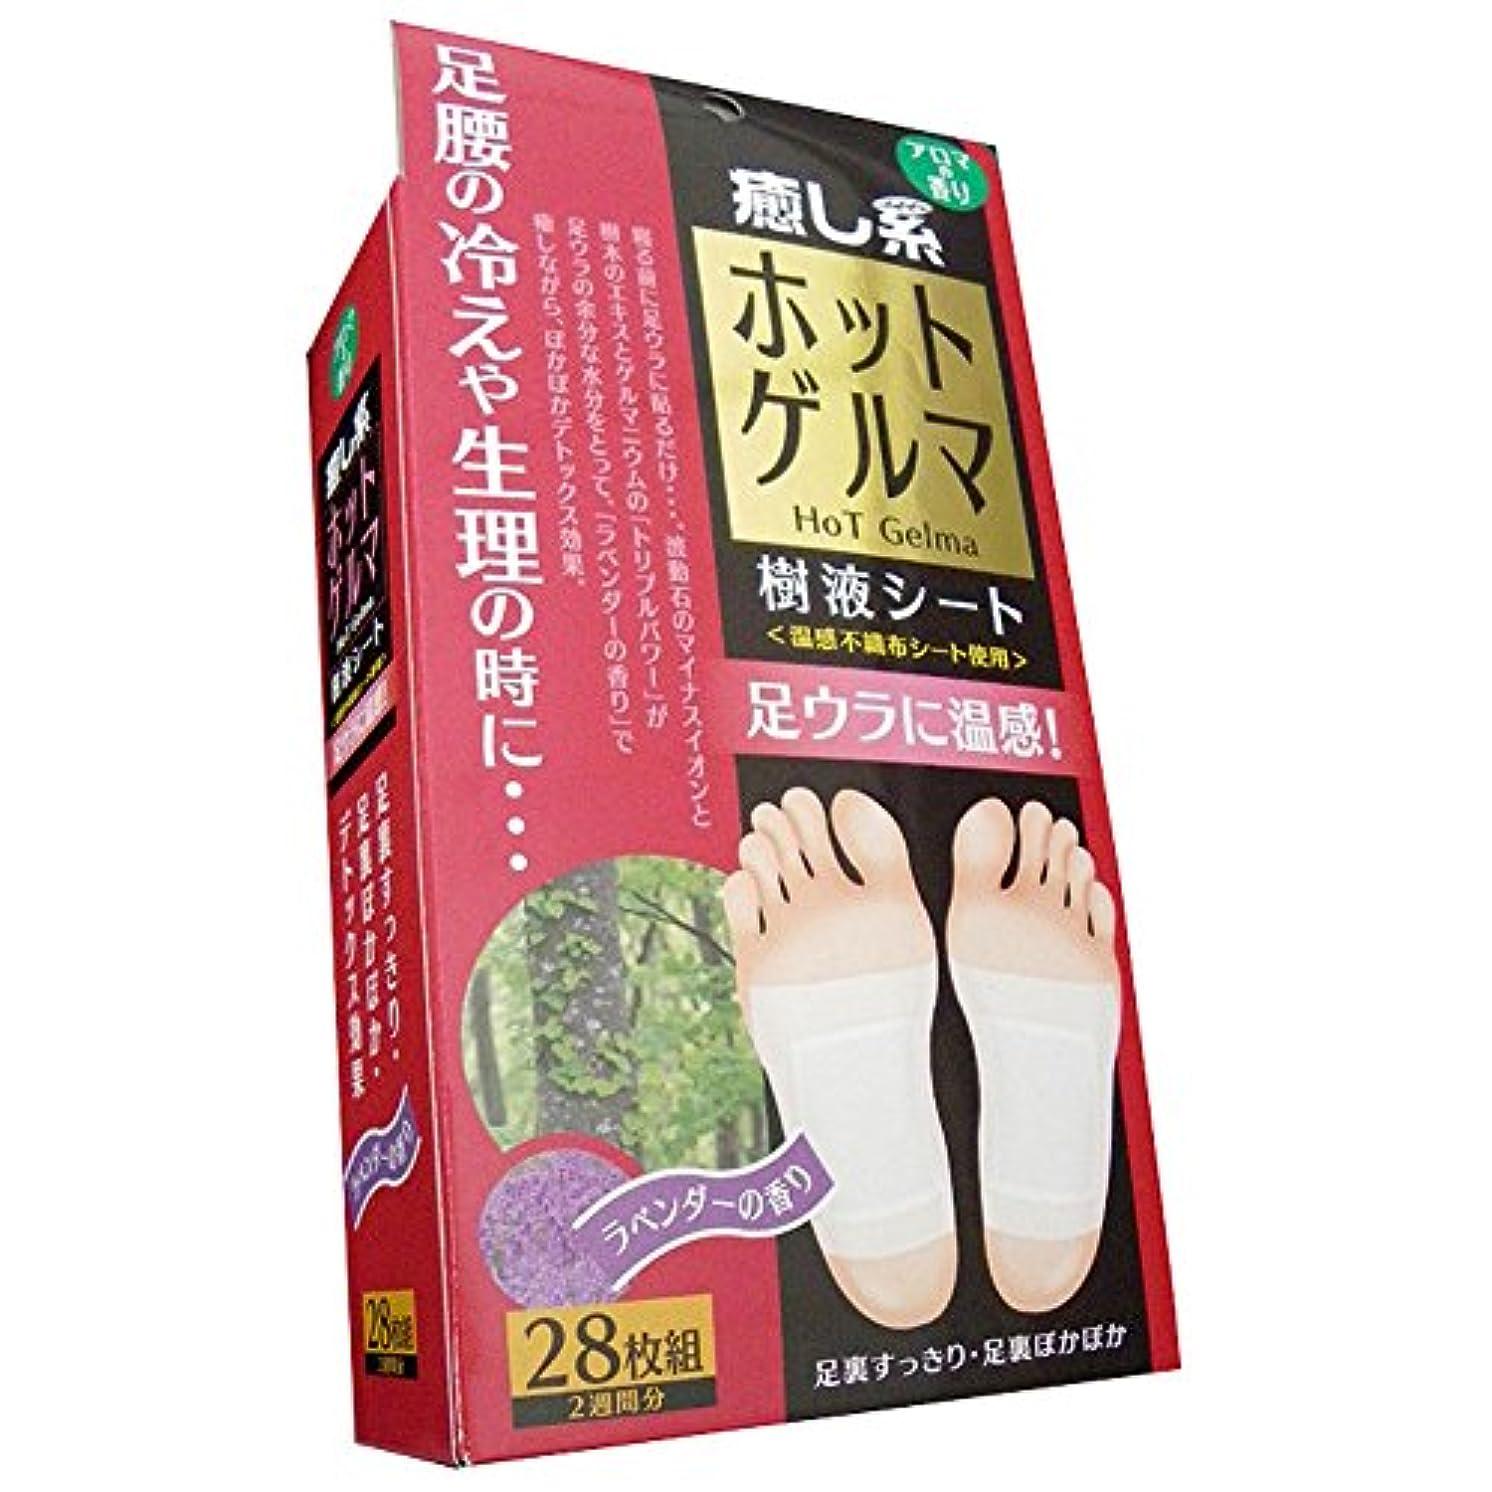 ピンチエージェント証明する日本製 HADARIKI ホットゲルマ樹液シート28枚組 2週間分 ラベンダーの香り 足 裏 樹液 シート フット ケア 足ツボ 健康 まとめ買い